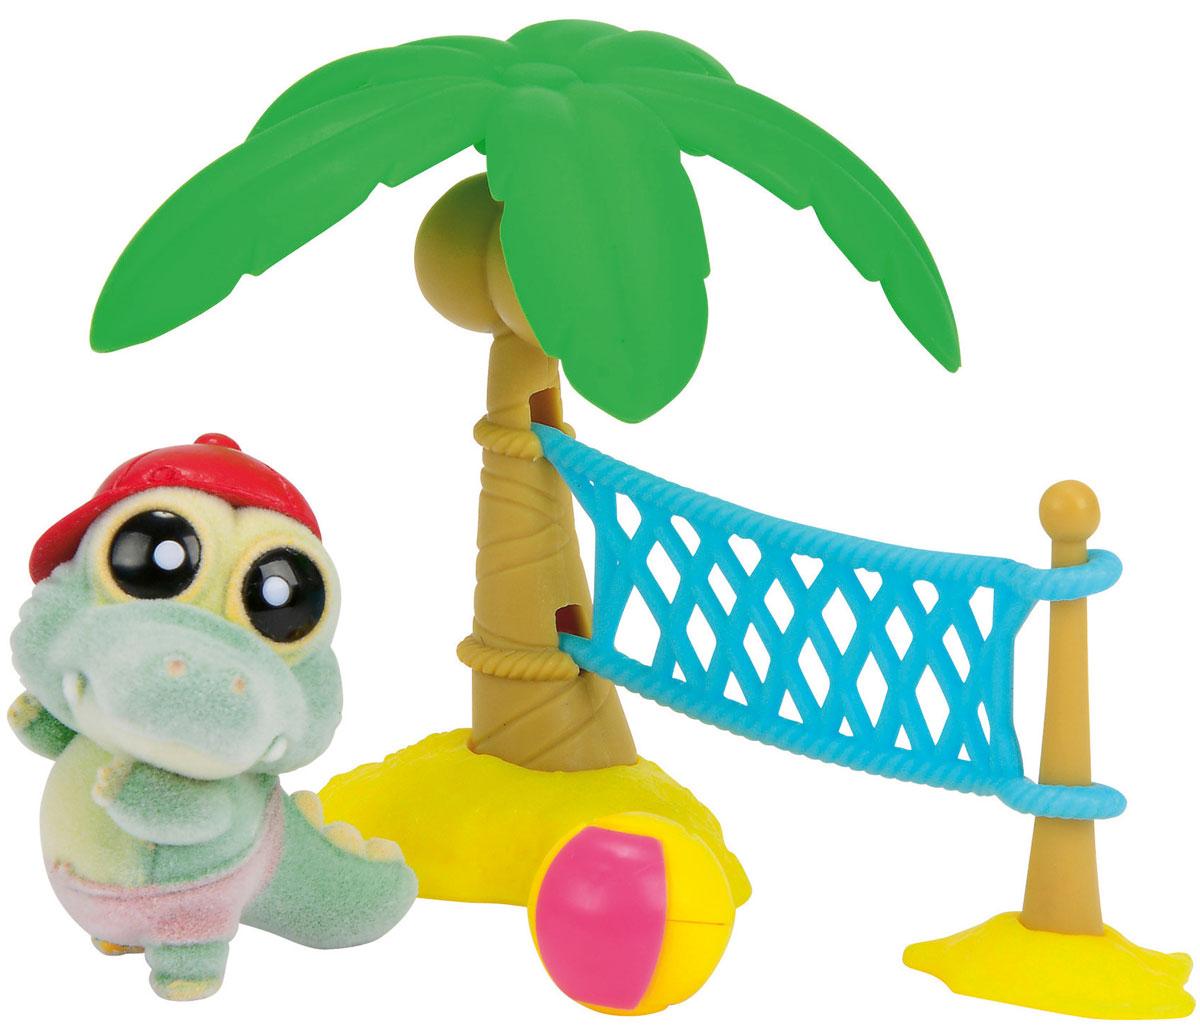 YooHoo & Friends Игровой набор Волейбол на пляже5950634_крокодилИгровой набор YooHoo & Friends Волейбол на пляже позволит отлично провести время на пляже с друзьями Юху. Элементы набора изготовлены из безопасных для ребенка материалов. Фигурка выполнена из приятного на ощупь материала. Набор включает в себя мини-фигурку крокодила и игрушечные аксессуары для летнего отдыха в виде волейбола. Ваш ребенок часами будет играть с такой игрушкой, придумывая различные истории.